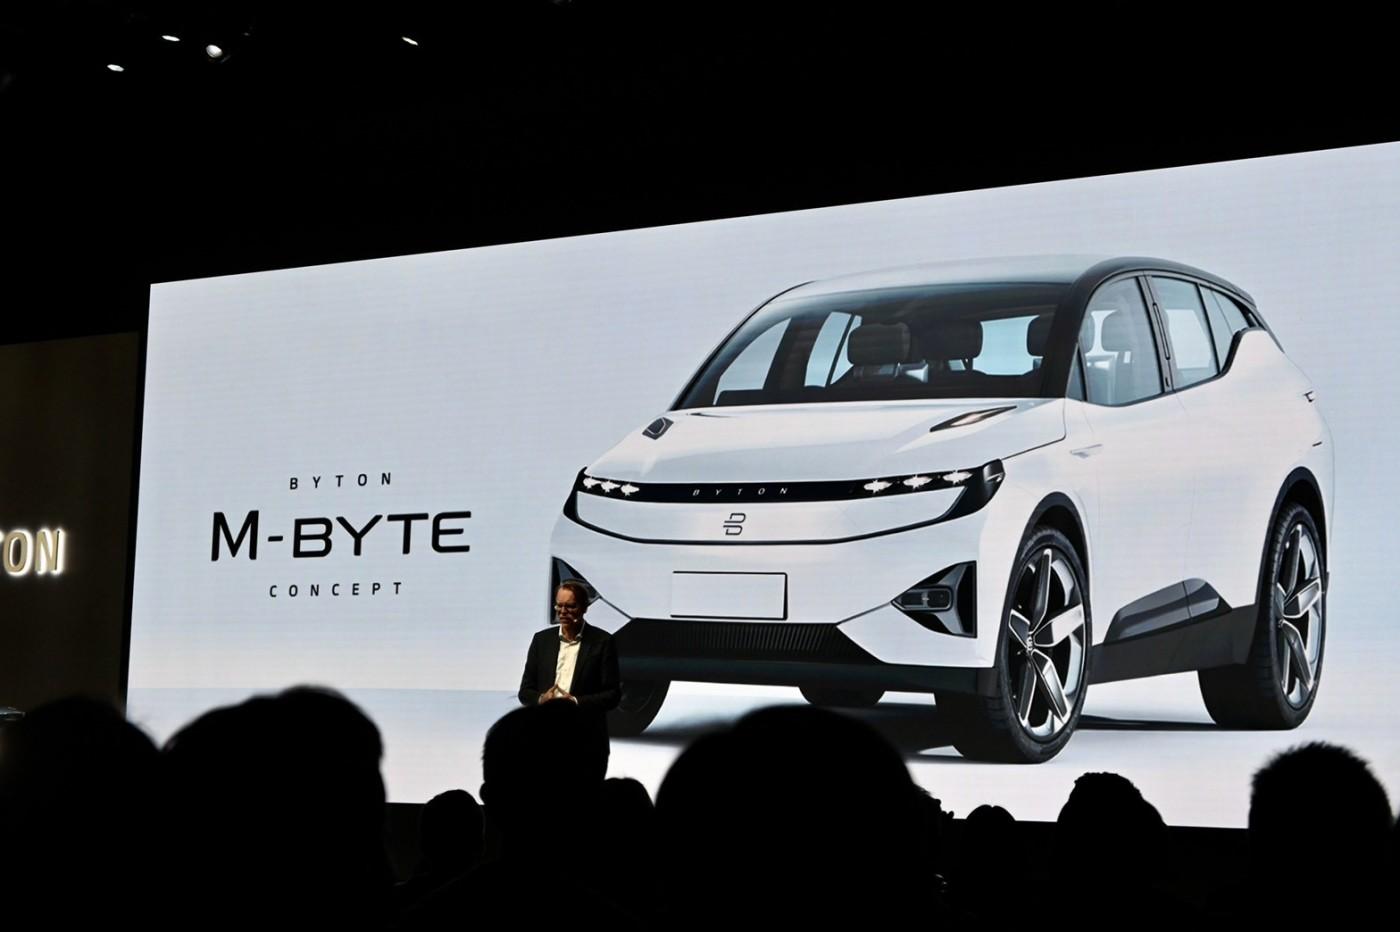 鴻海助特斯拉頭號對手拜騰量產M-Byte!能拯救深陷財務危機的垂死新創車廠嗎?